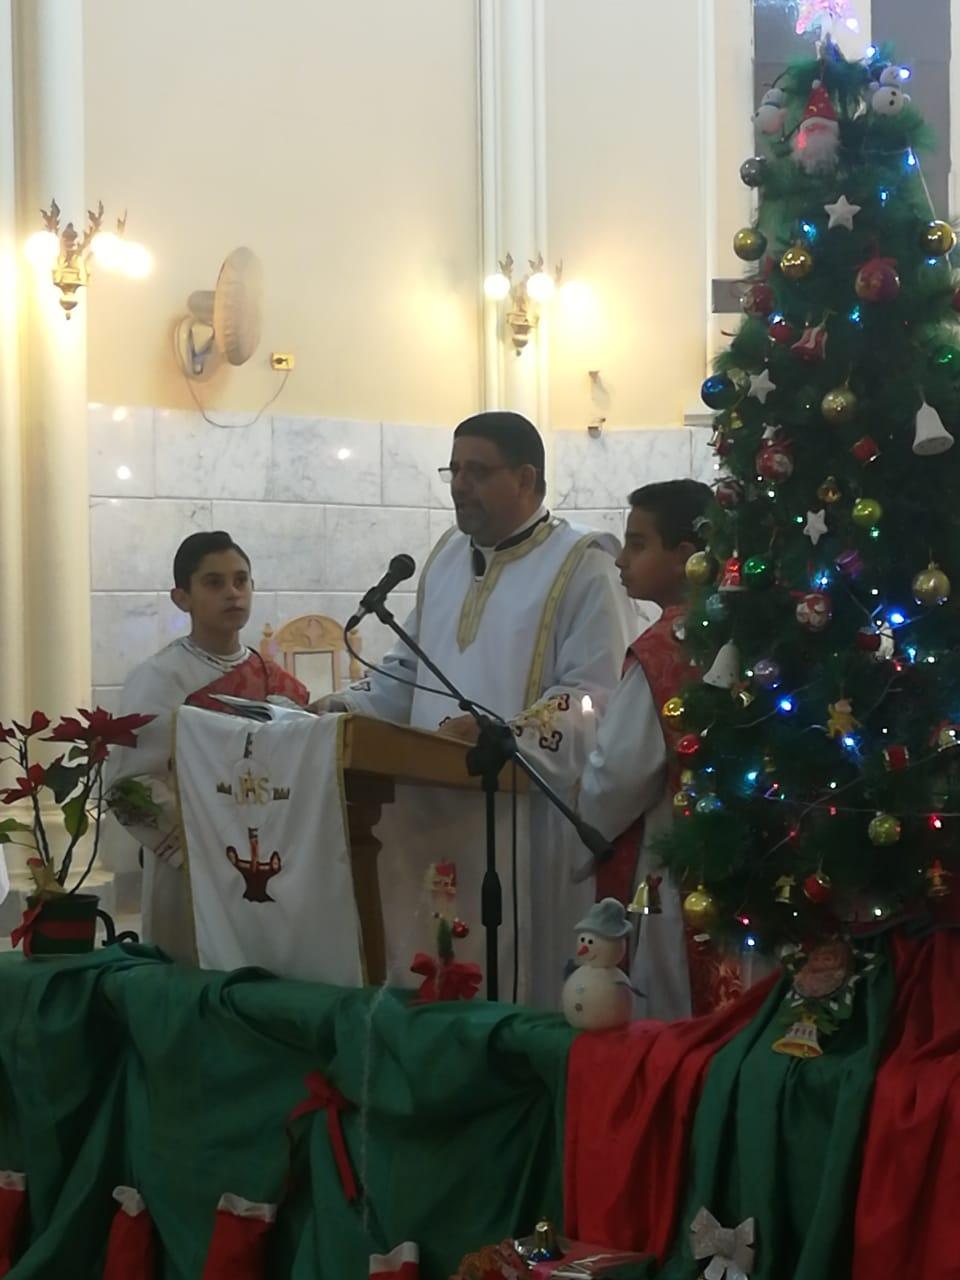 الأقباط يؤدون قداس عيد الغطاس بكنائس أسيوط (6)